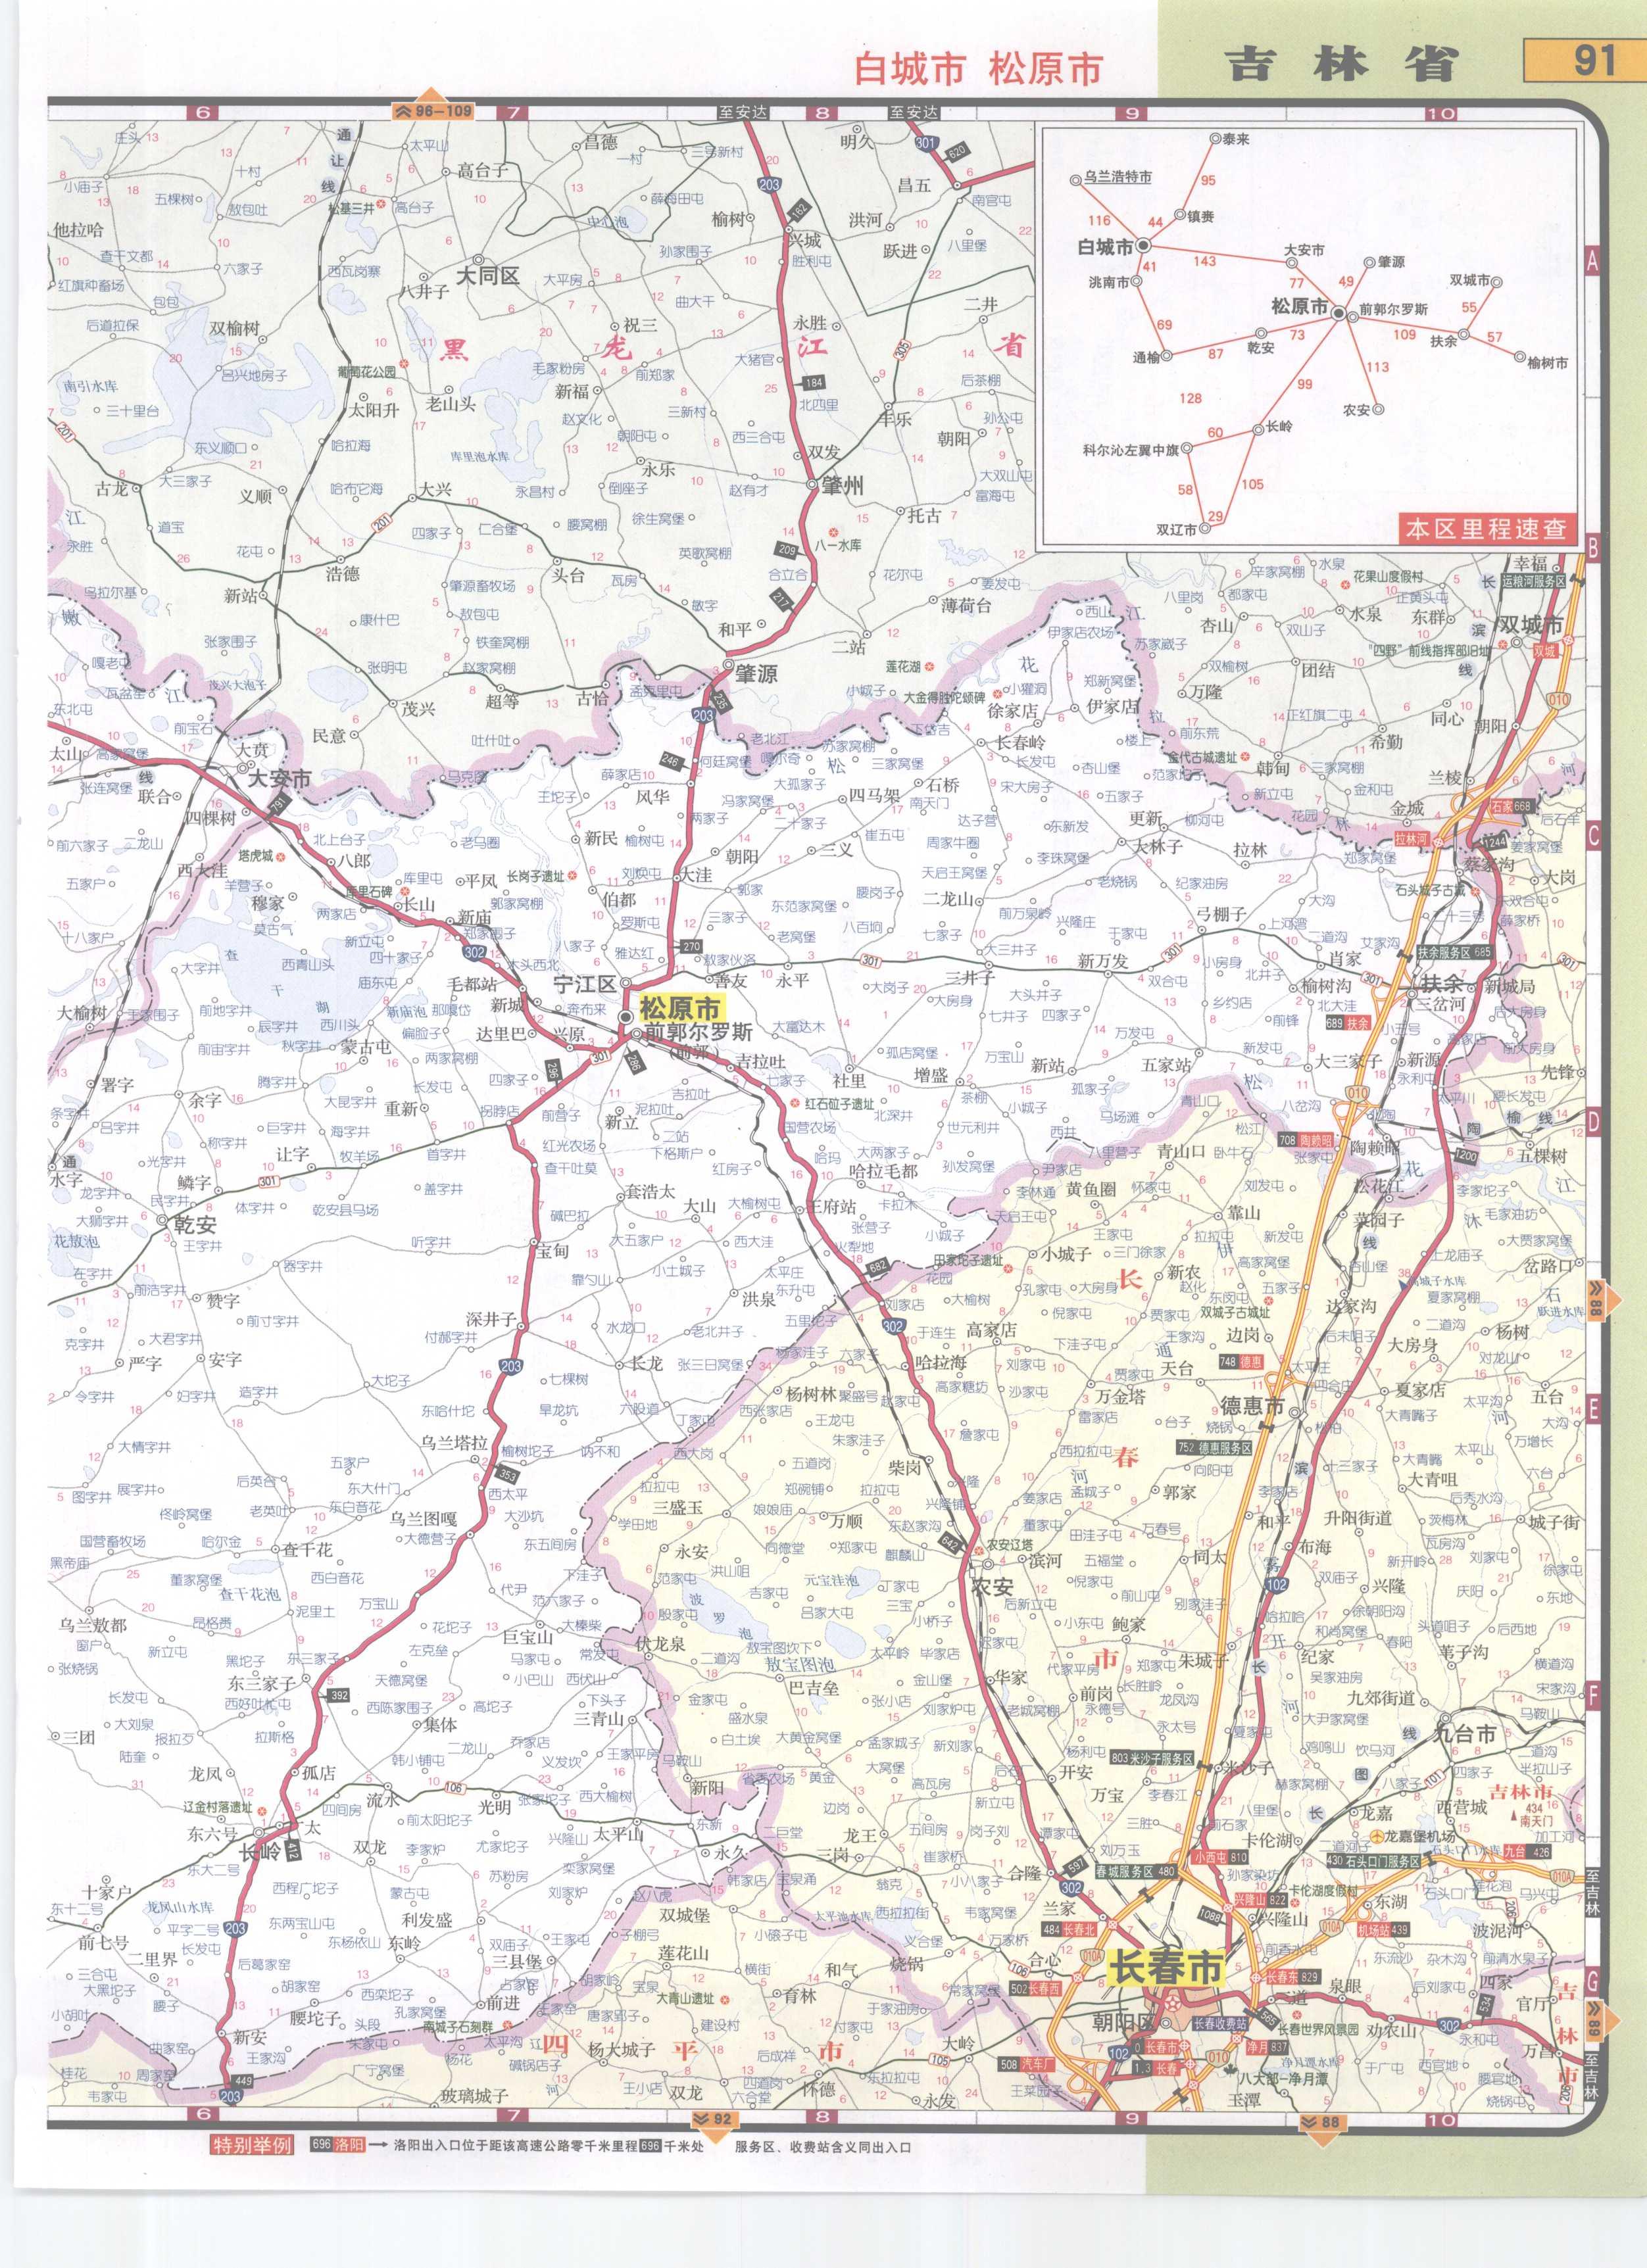 吉林省白城市松原市高速公路网地图